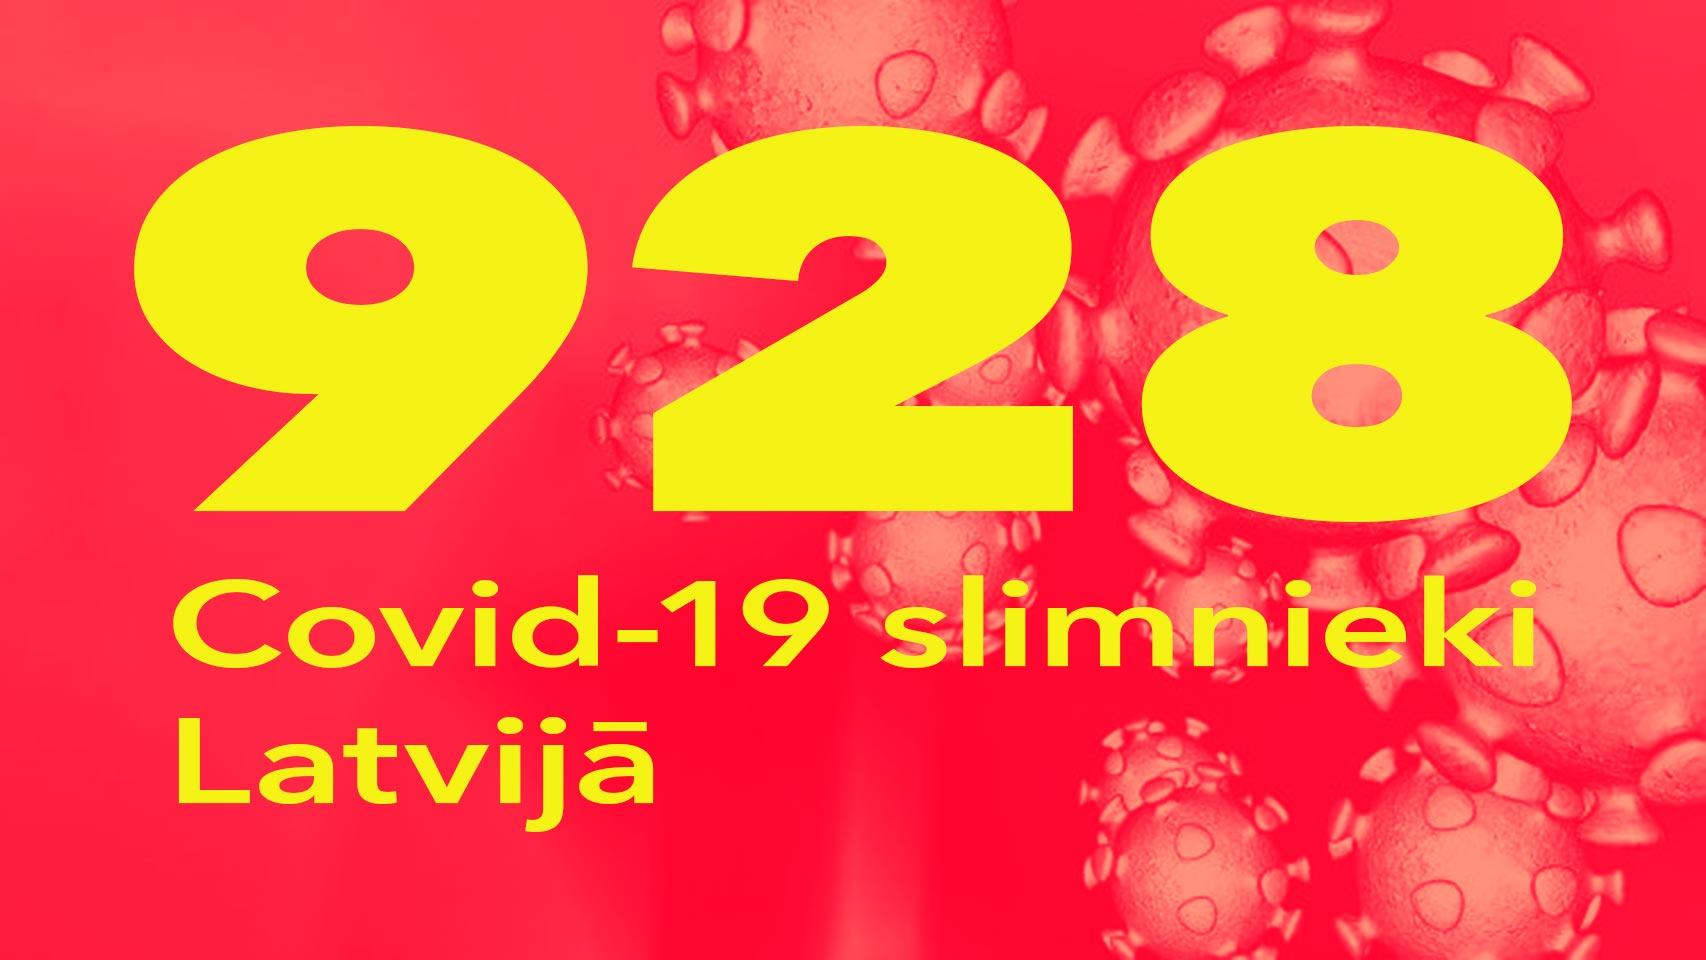 Koronavīrusa saslimušo skaits Latvijā 8.05.2020.